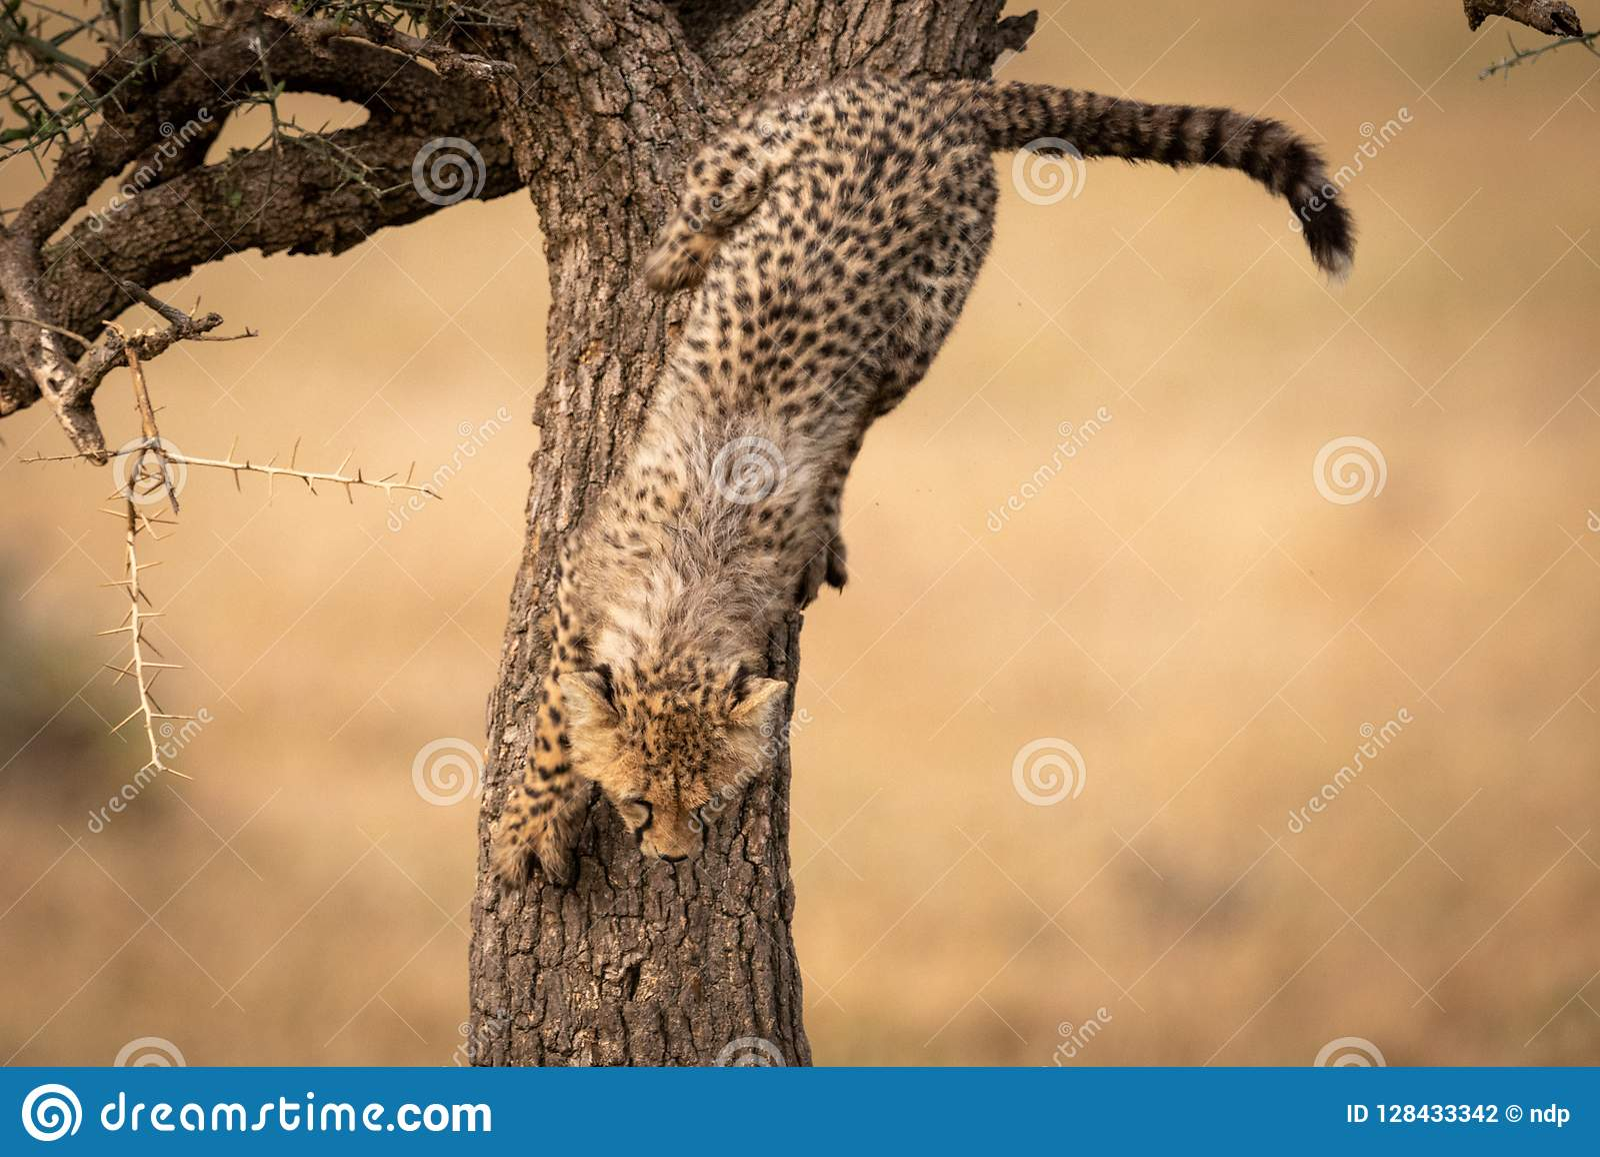 Cub τσιτάχ αναρριχείται αργά κάτω από το δέντρο αγκαθιών